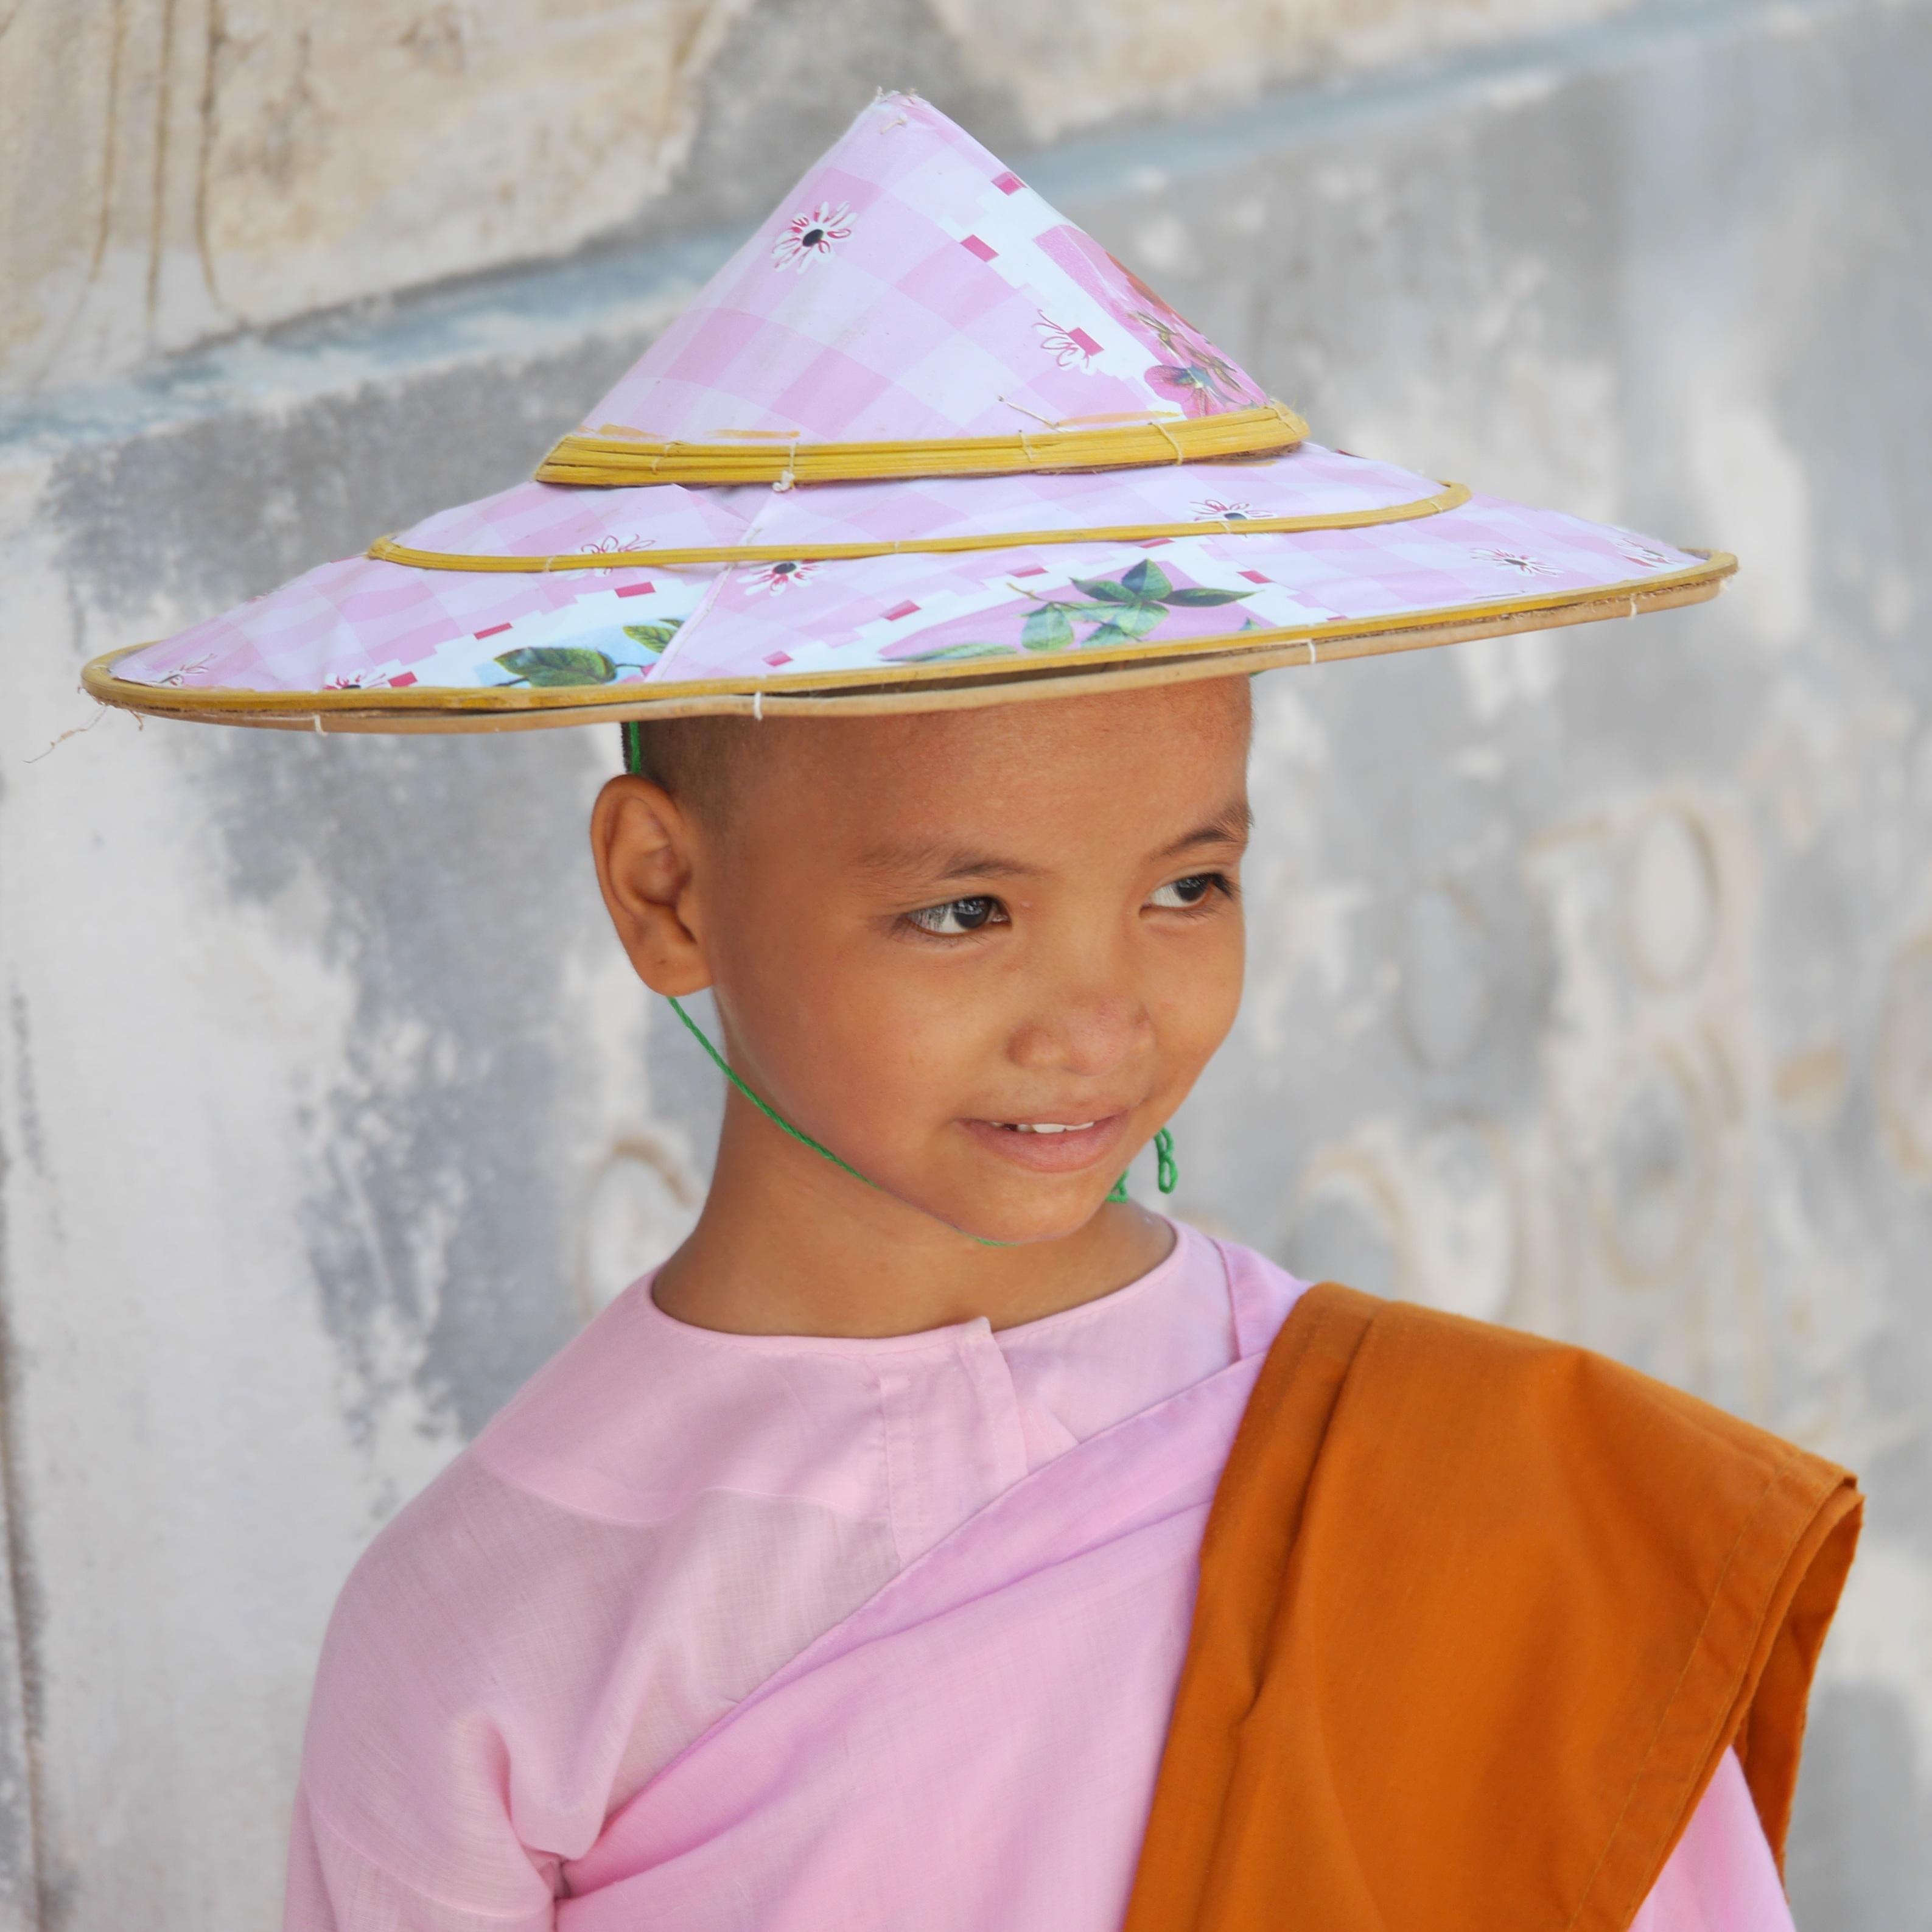 gadis musim semi anak topi pakaian berwarna merah muda myanmar Birma biara perempuan bibit fashion aksesori